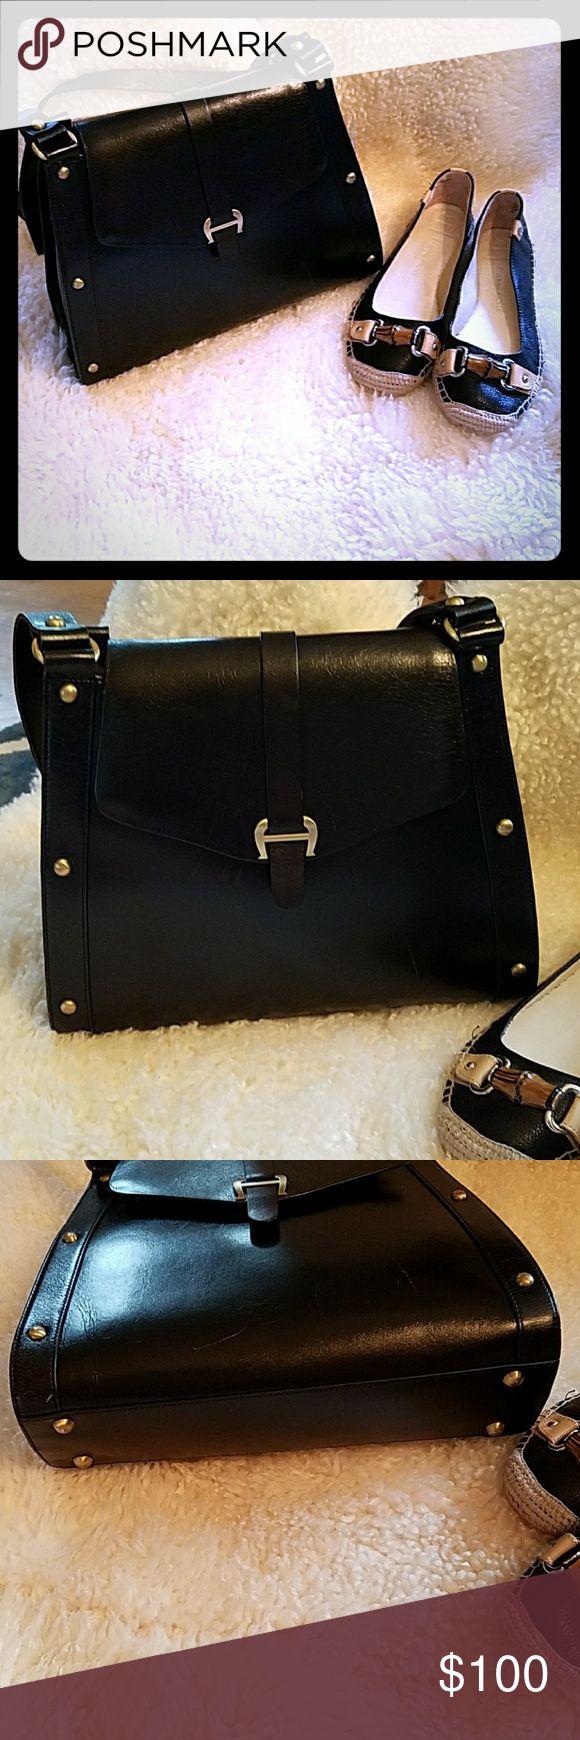 Etienne aigner black leather gloves - Etienne Aigner Black Cowhide Leather Shoulder Bag